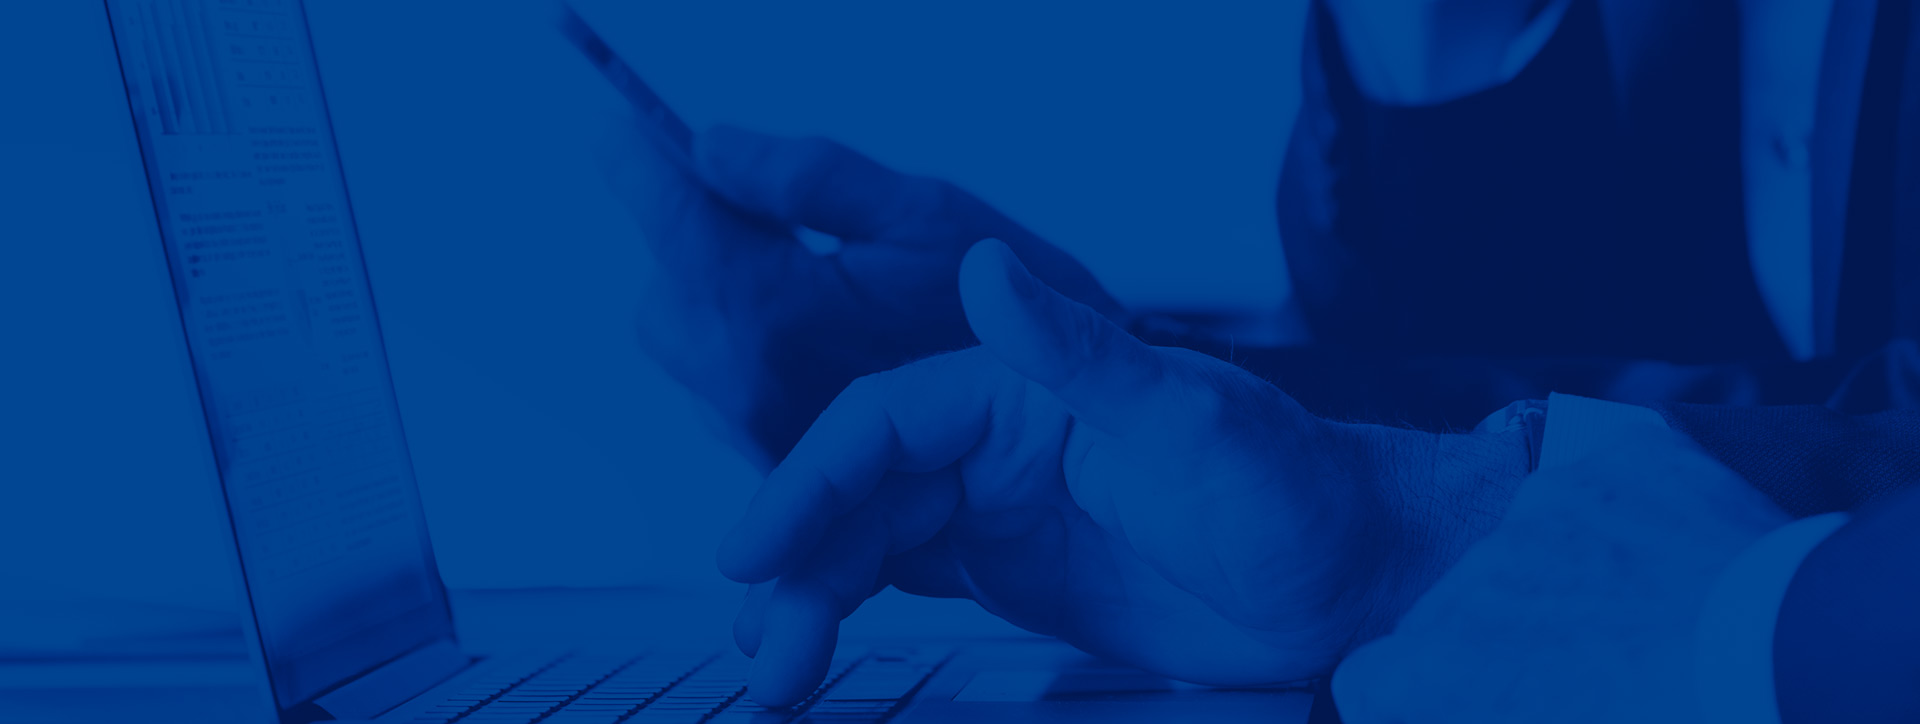 Formulación e implementación de estrategias para agilizar los procesos de la empresa